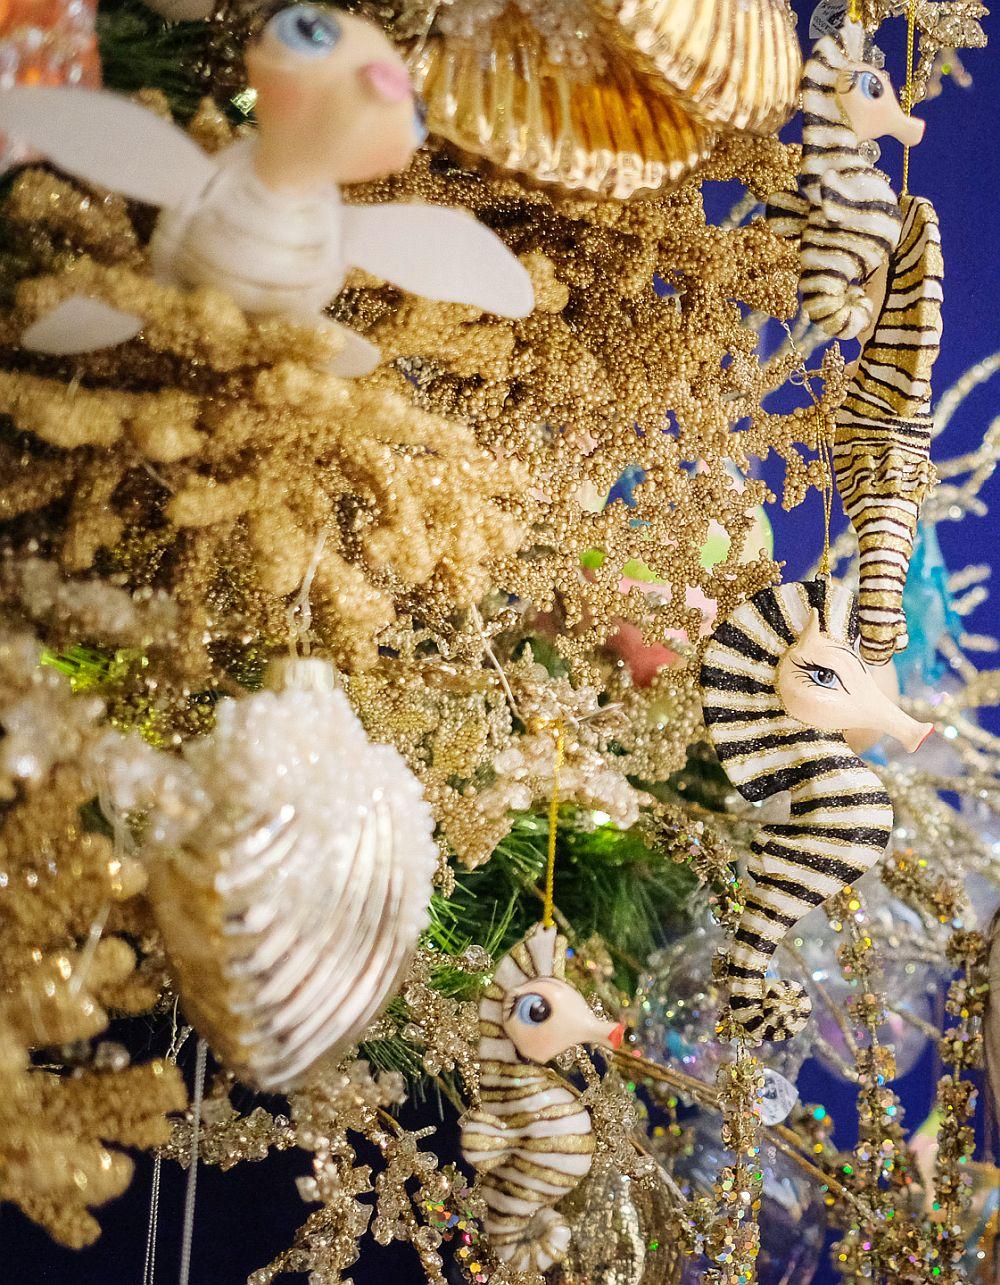 Căluți de mare pe post de globuri. Sper din tot sufletul să nu ajungă să fie doar decorațiuni, ci să populeze din plin oceanele planetei. Căluțul de mare este unul dintre cele mai iubite animale, așa că nu întâmplători producătorii de decorațiuni s-au gândit la el pentru a crea globuri cu adevărat spectaculoase.